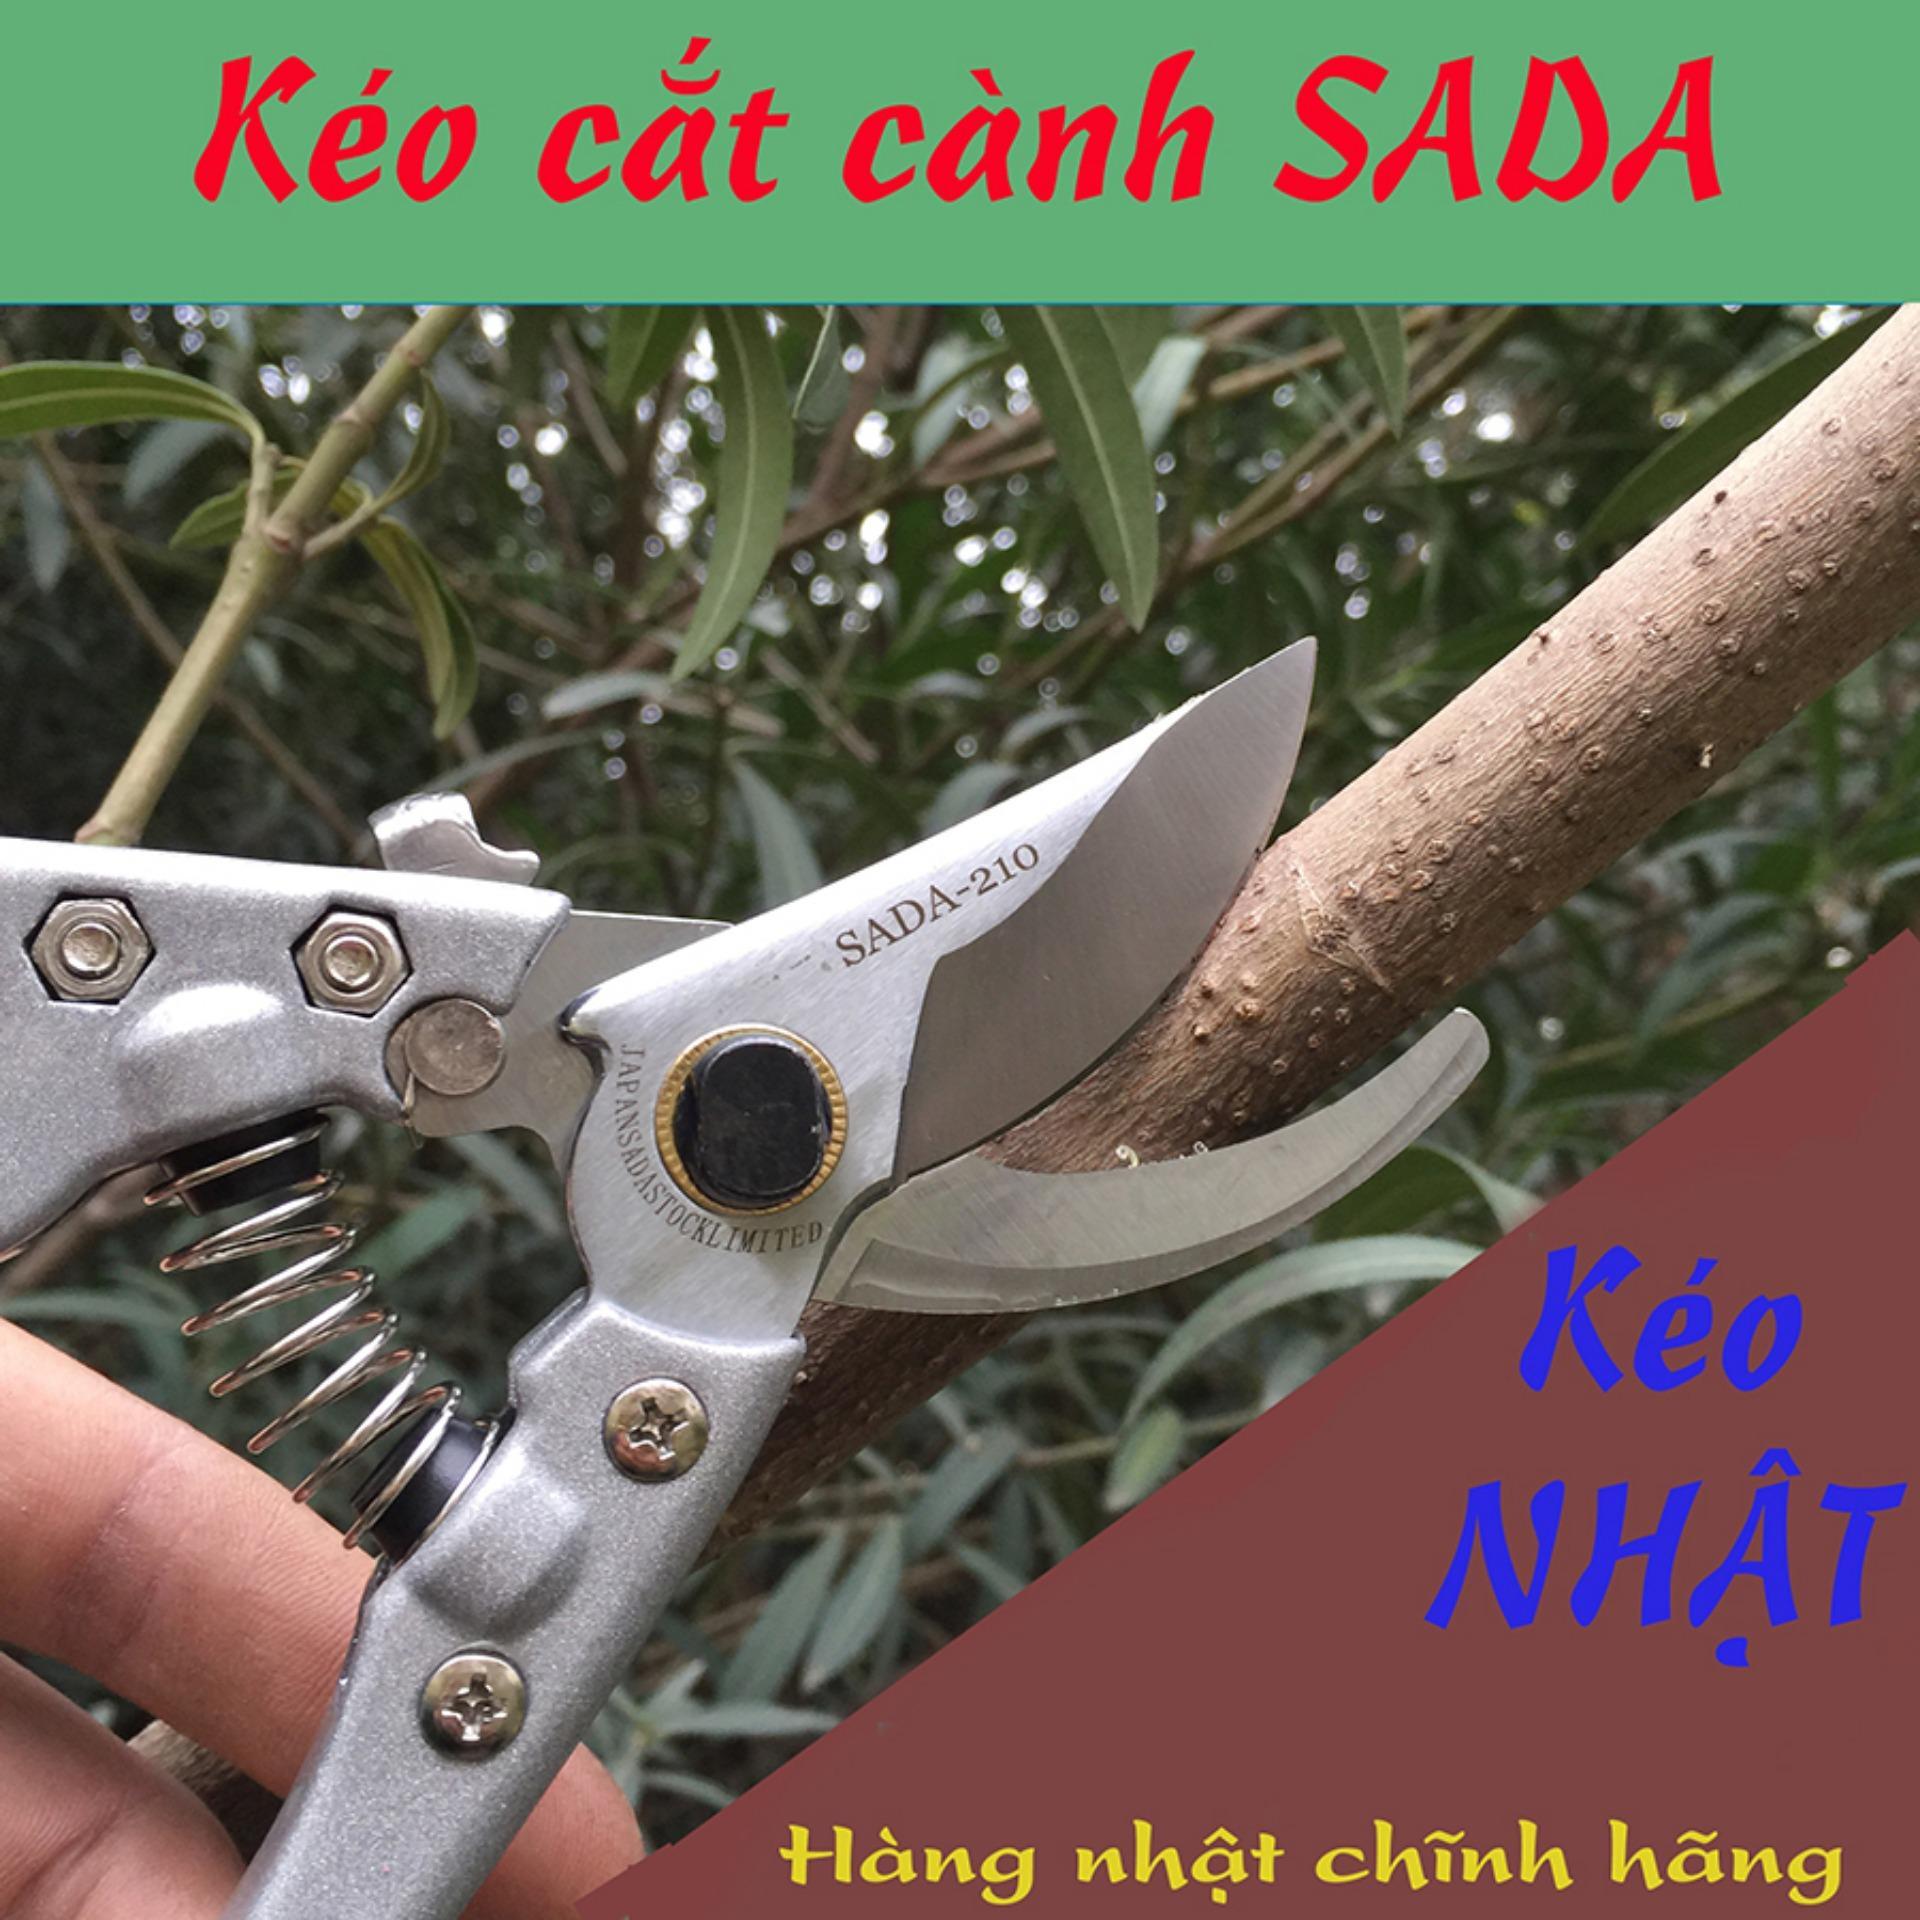 kéo cắt tỉa cành cây SẮC vĩnh viễn HÀNg nhật tốt -kéo Sada 210